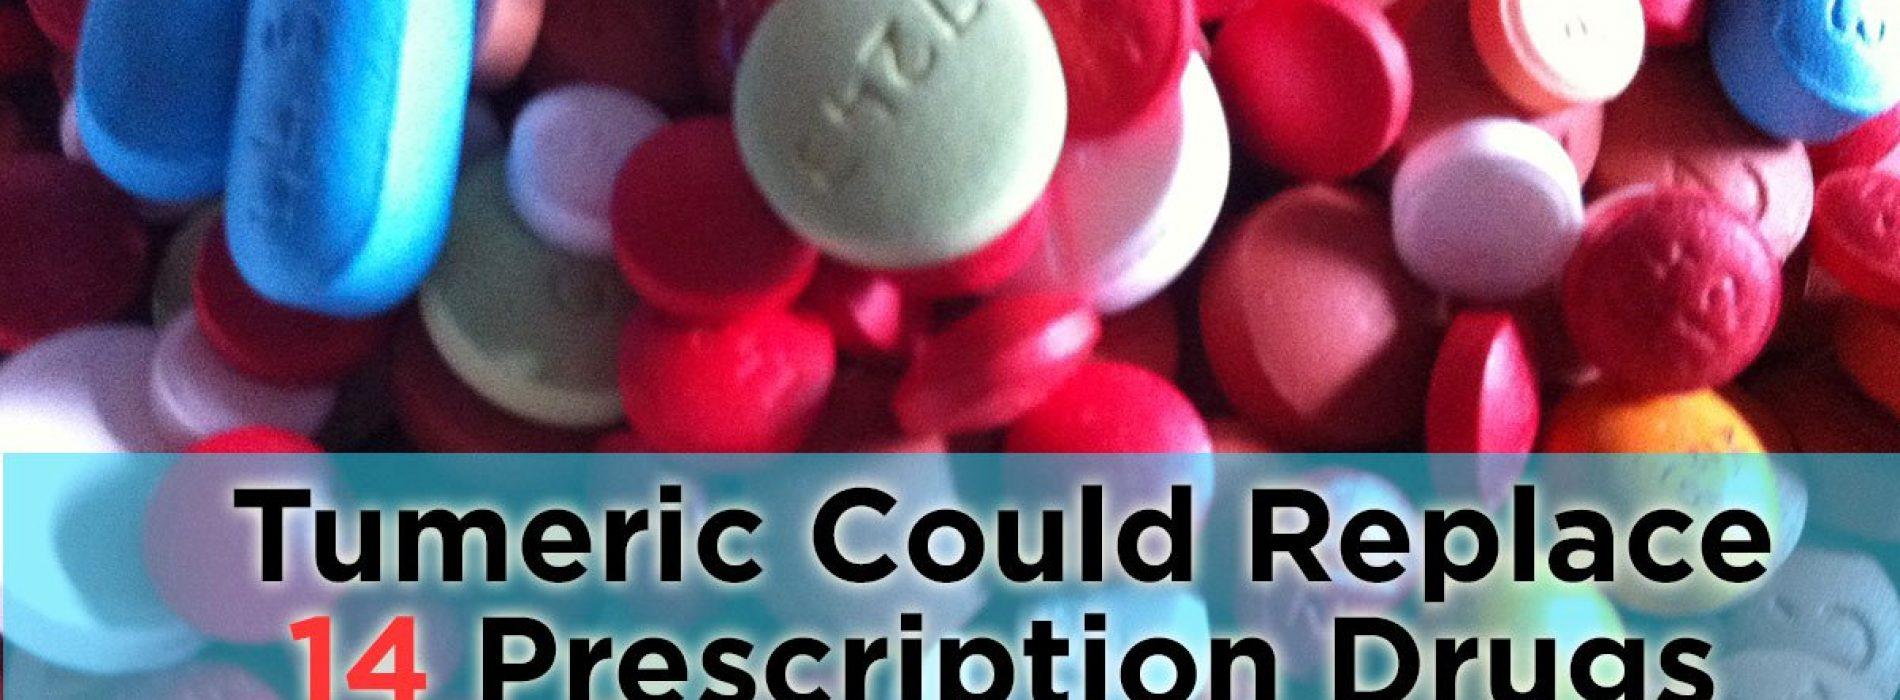 Wetenschap bevestigt kurkuma even effectief als 14 medicijnen